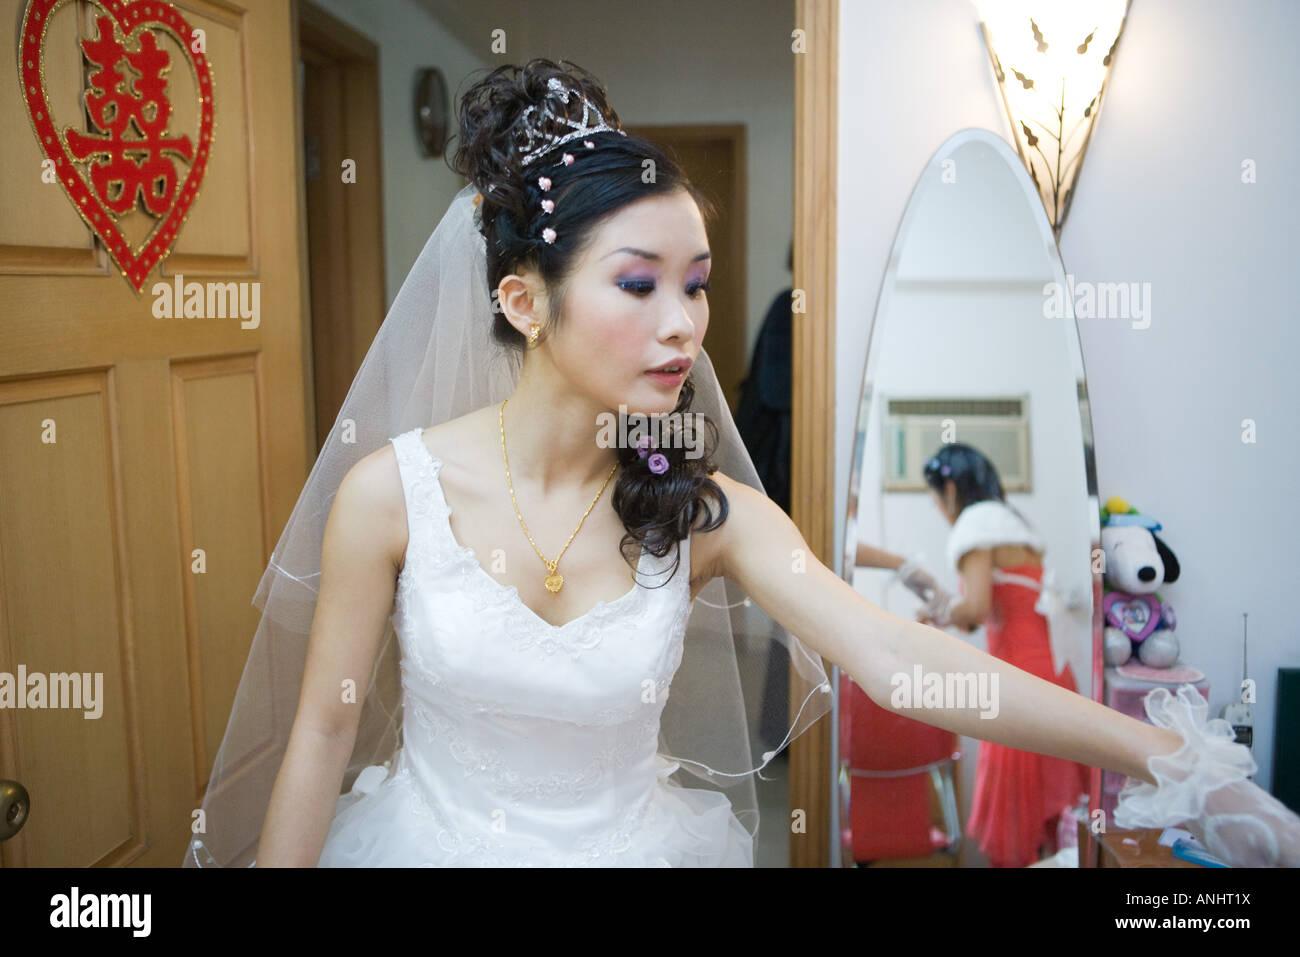 Bride in bedroom, Chinese character on door, looking away Stock Photo